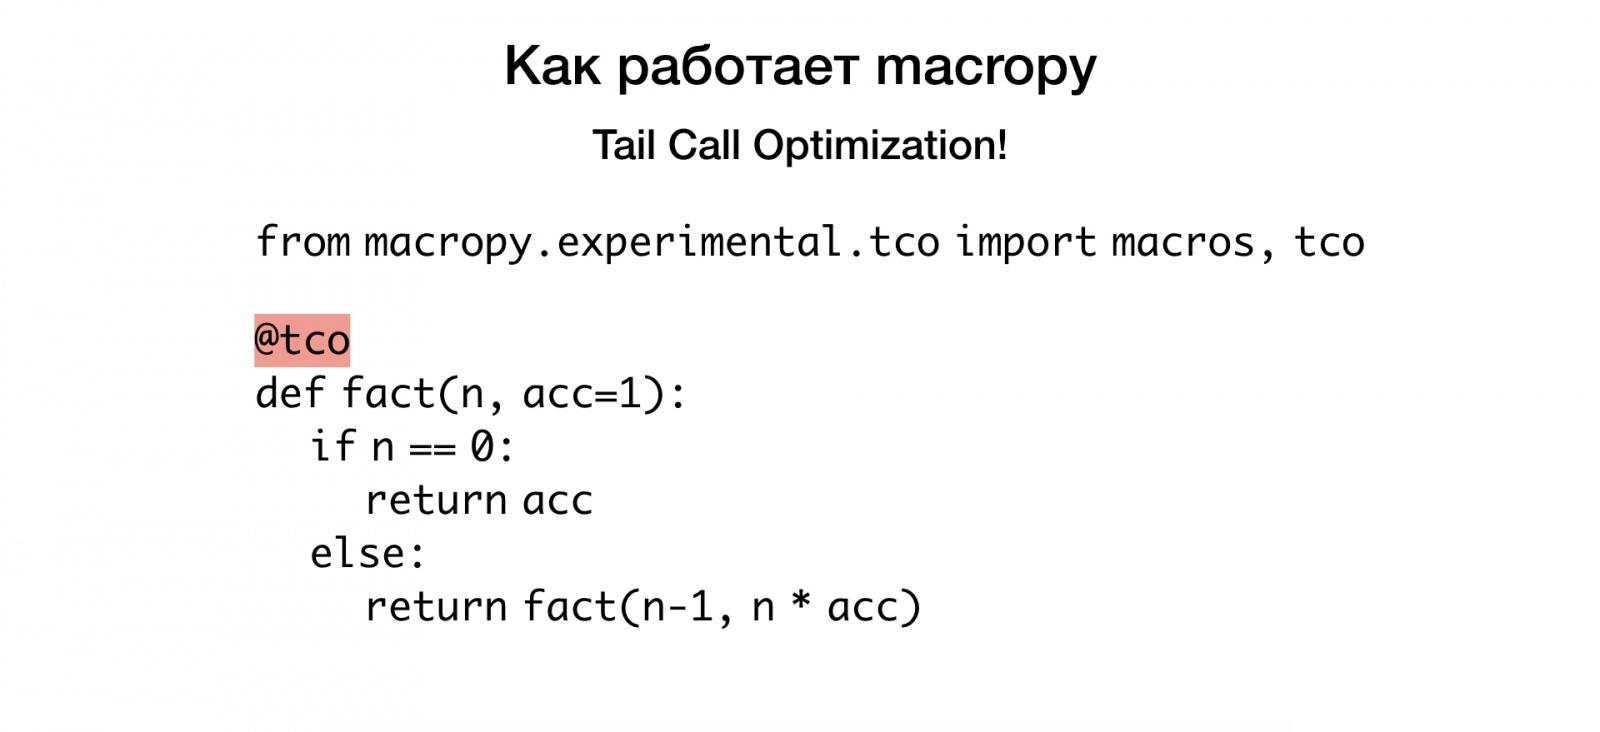 Макросы для питониста. Доклад Яндекса - 22